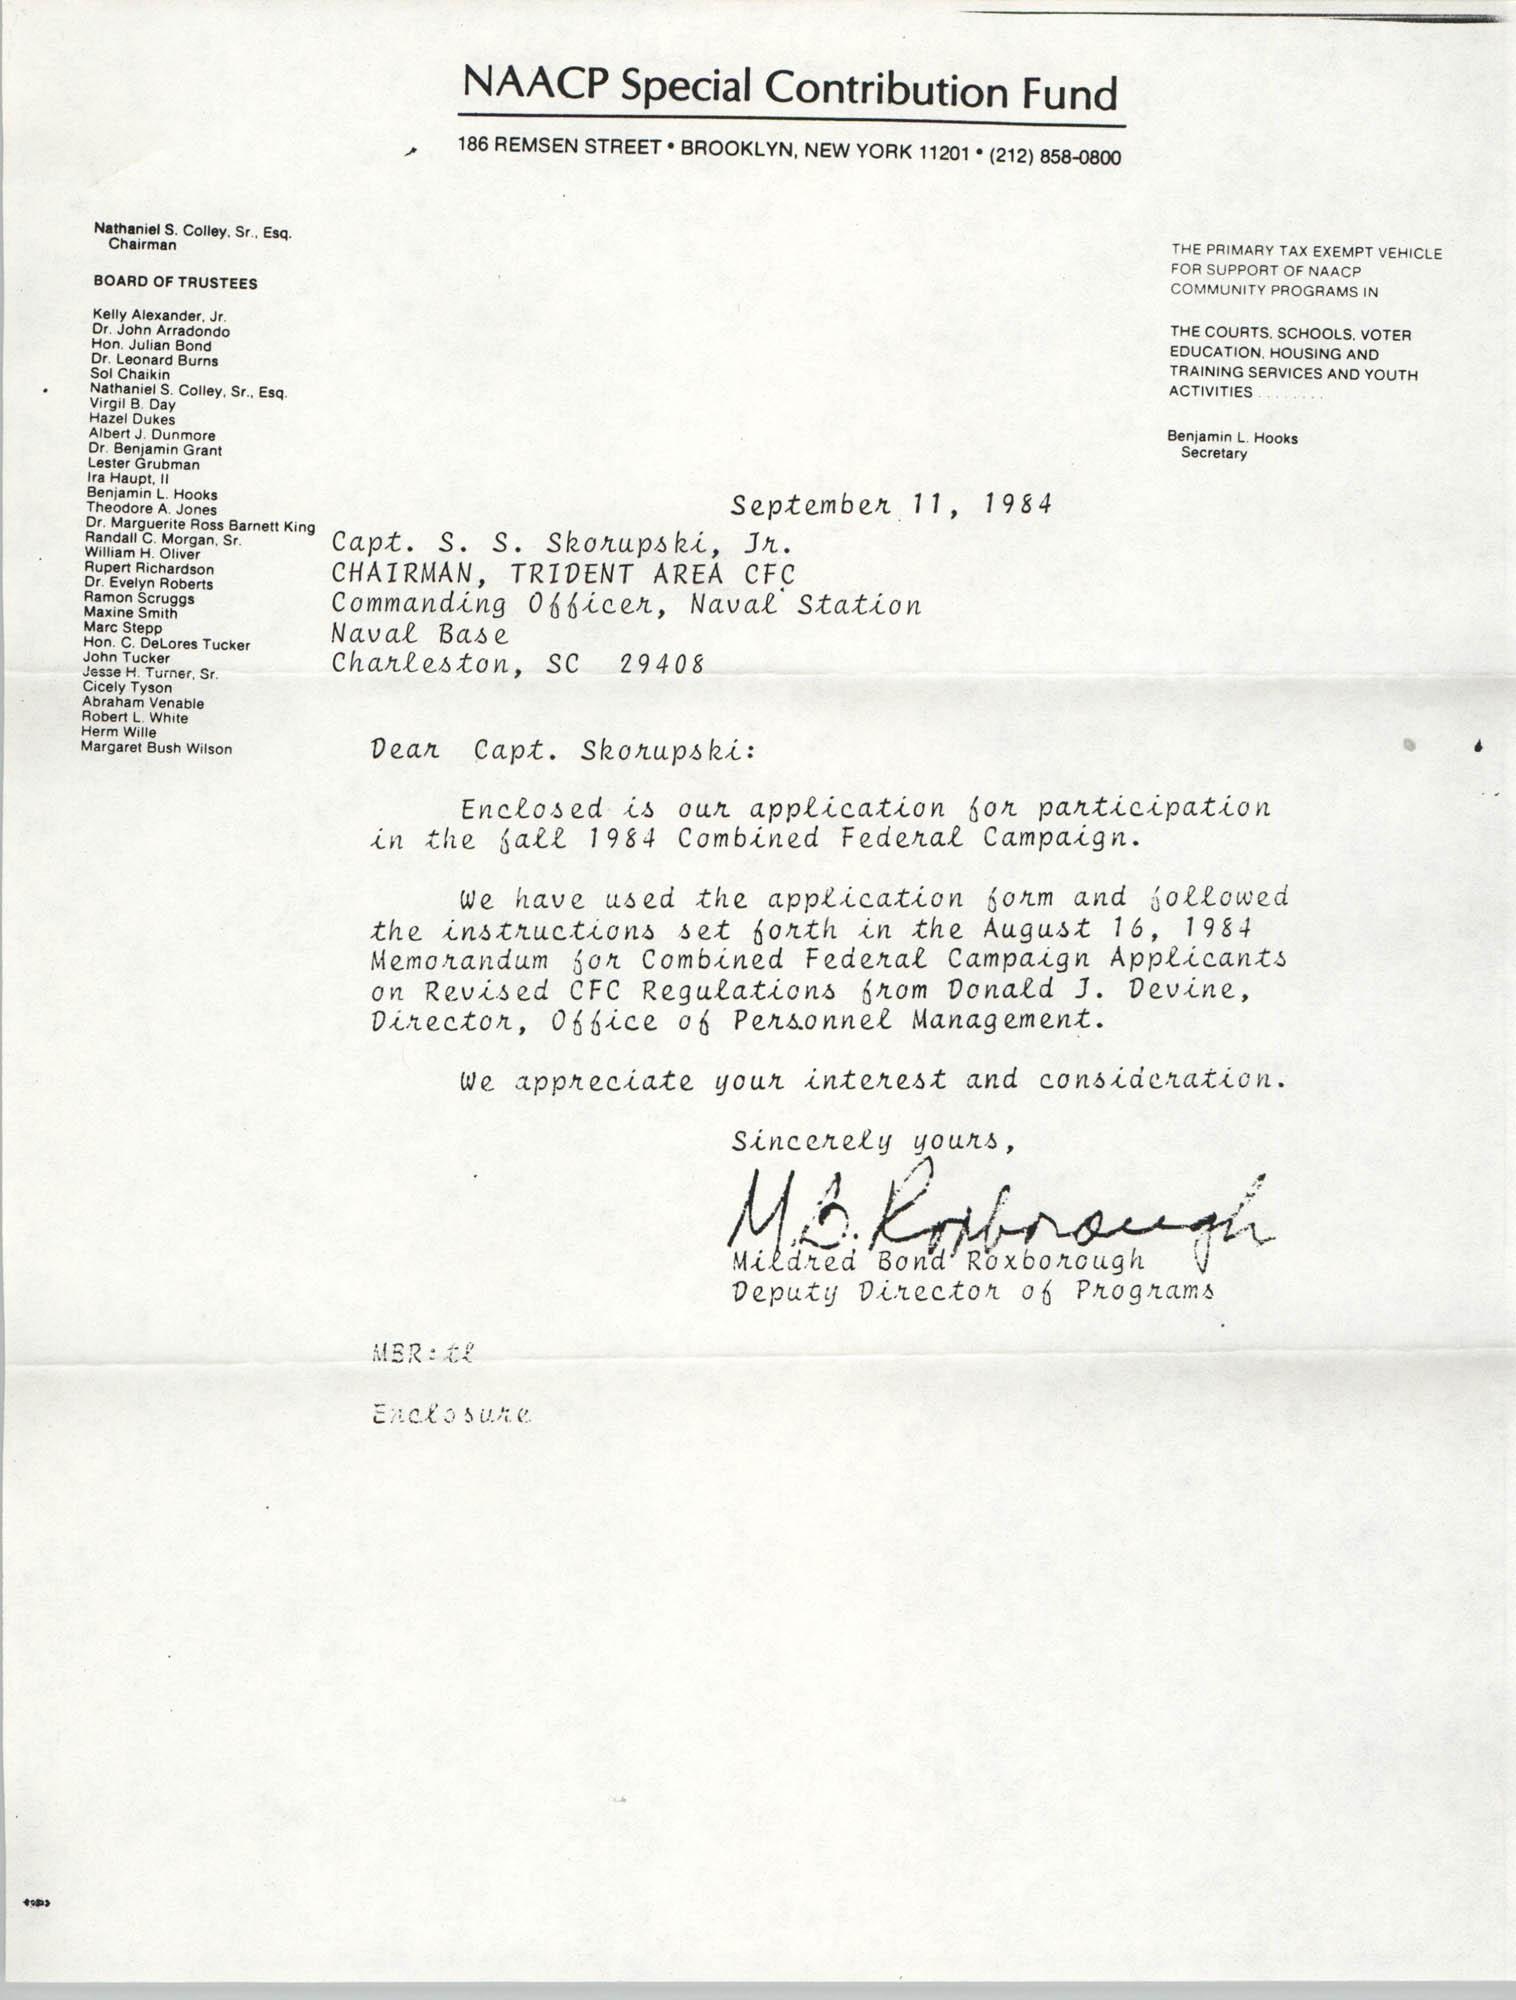 NAACP Special Contribution Fund Memorandum, September 11, 1982